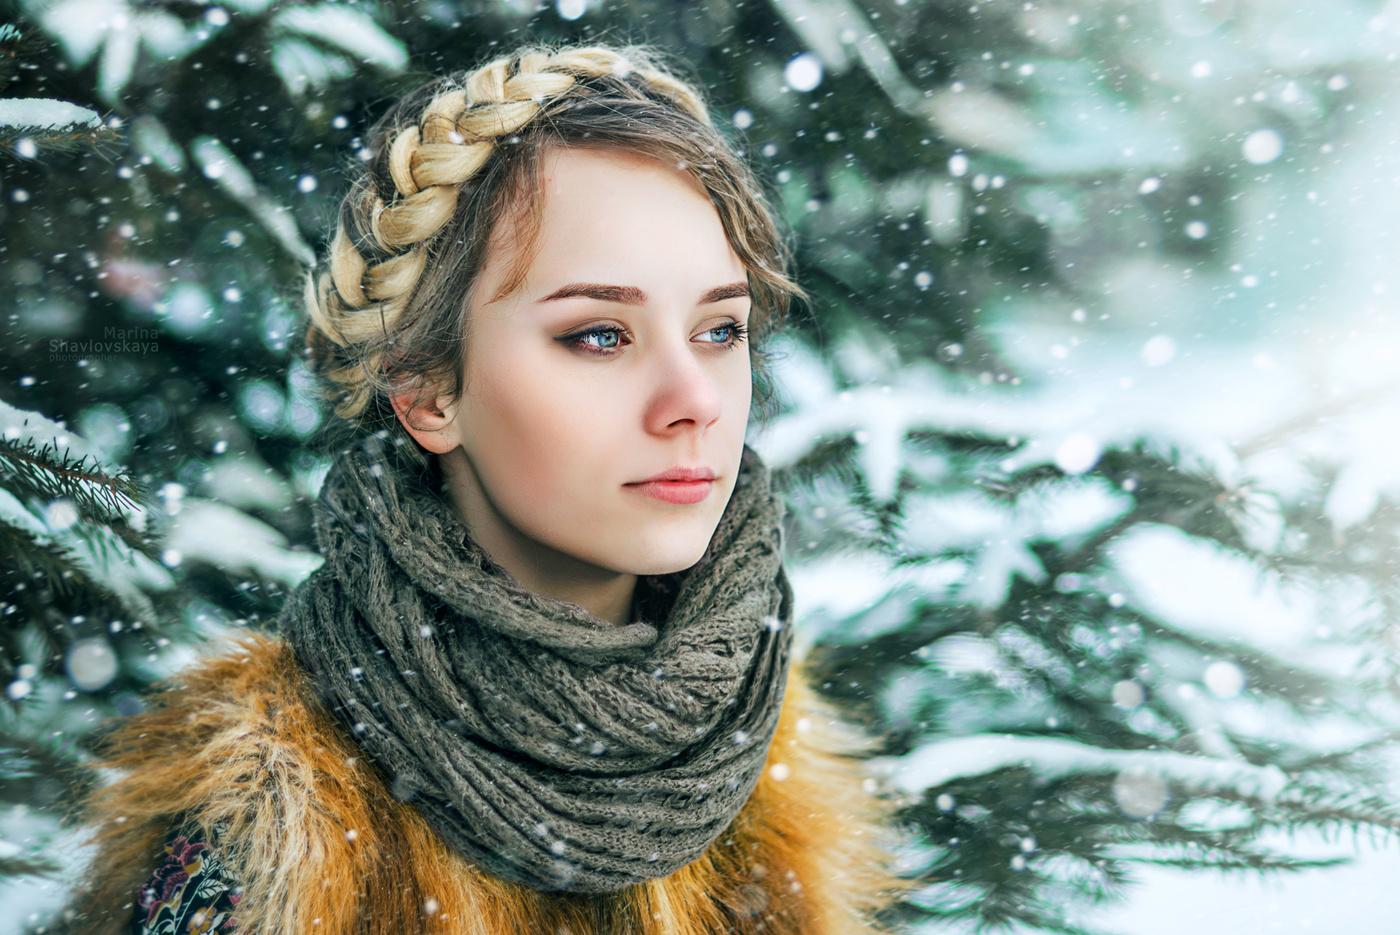 художественная обработка зимней фотографии бумажный